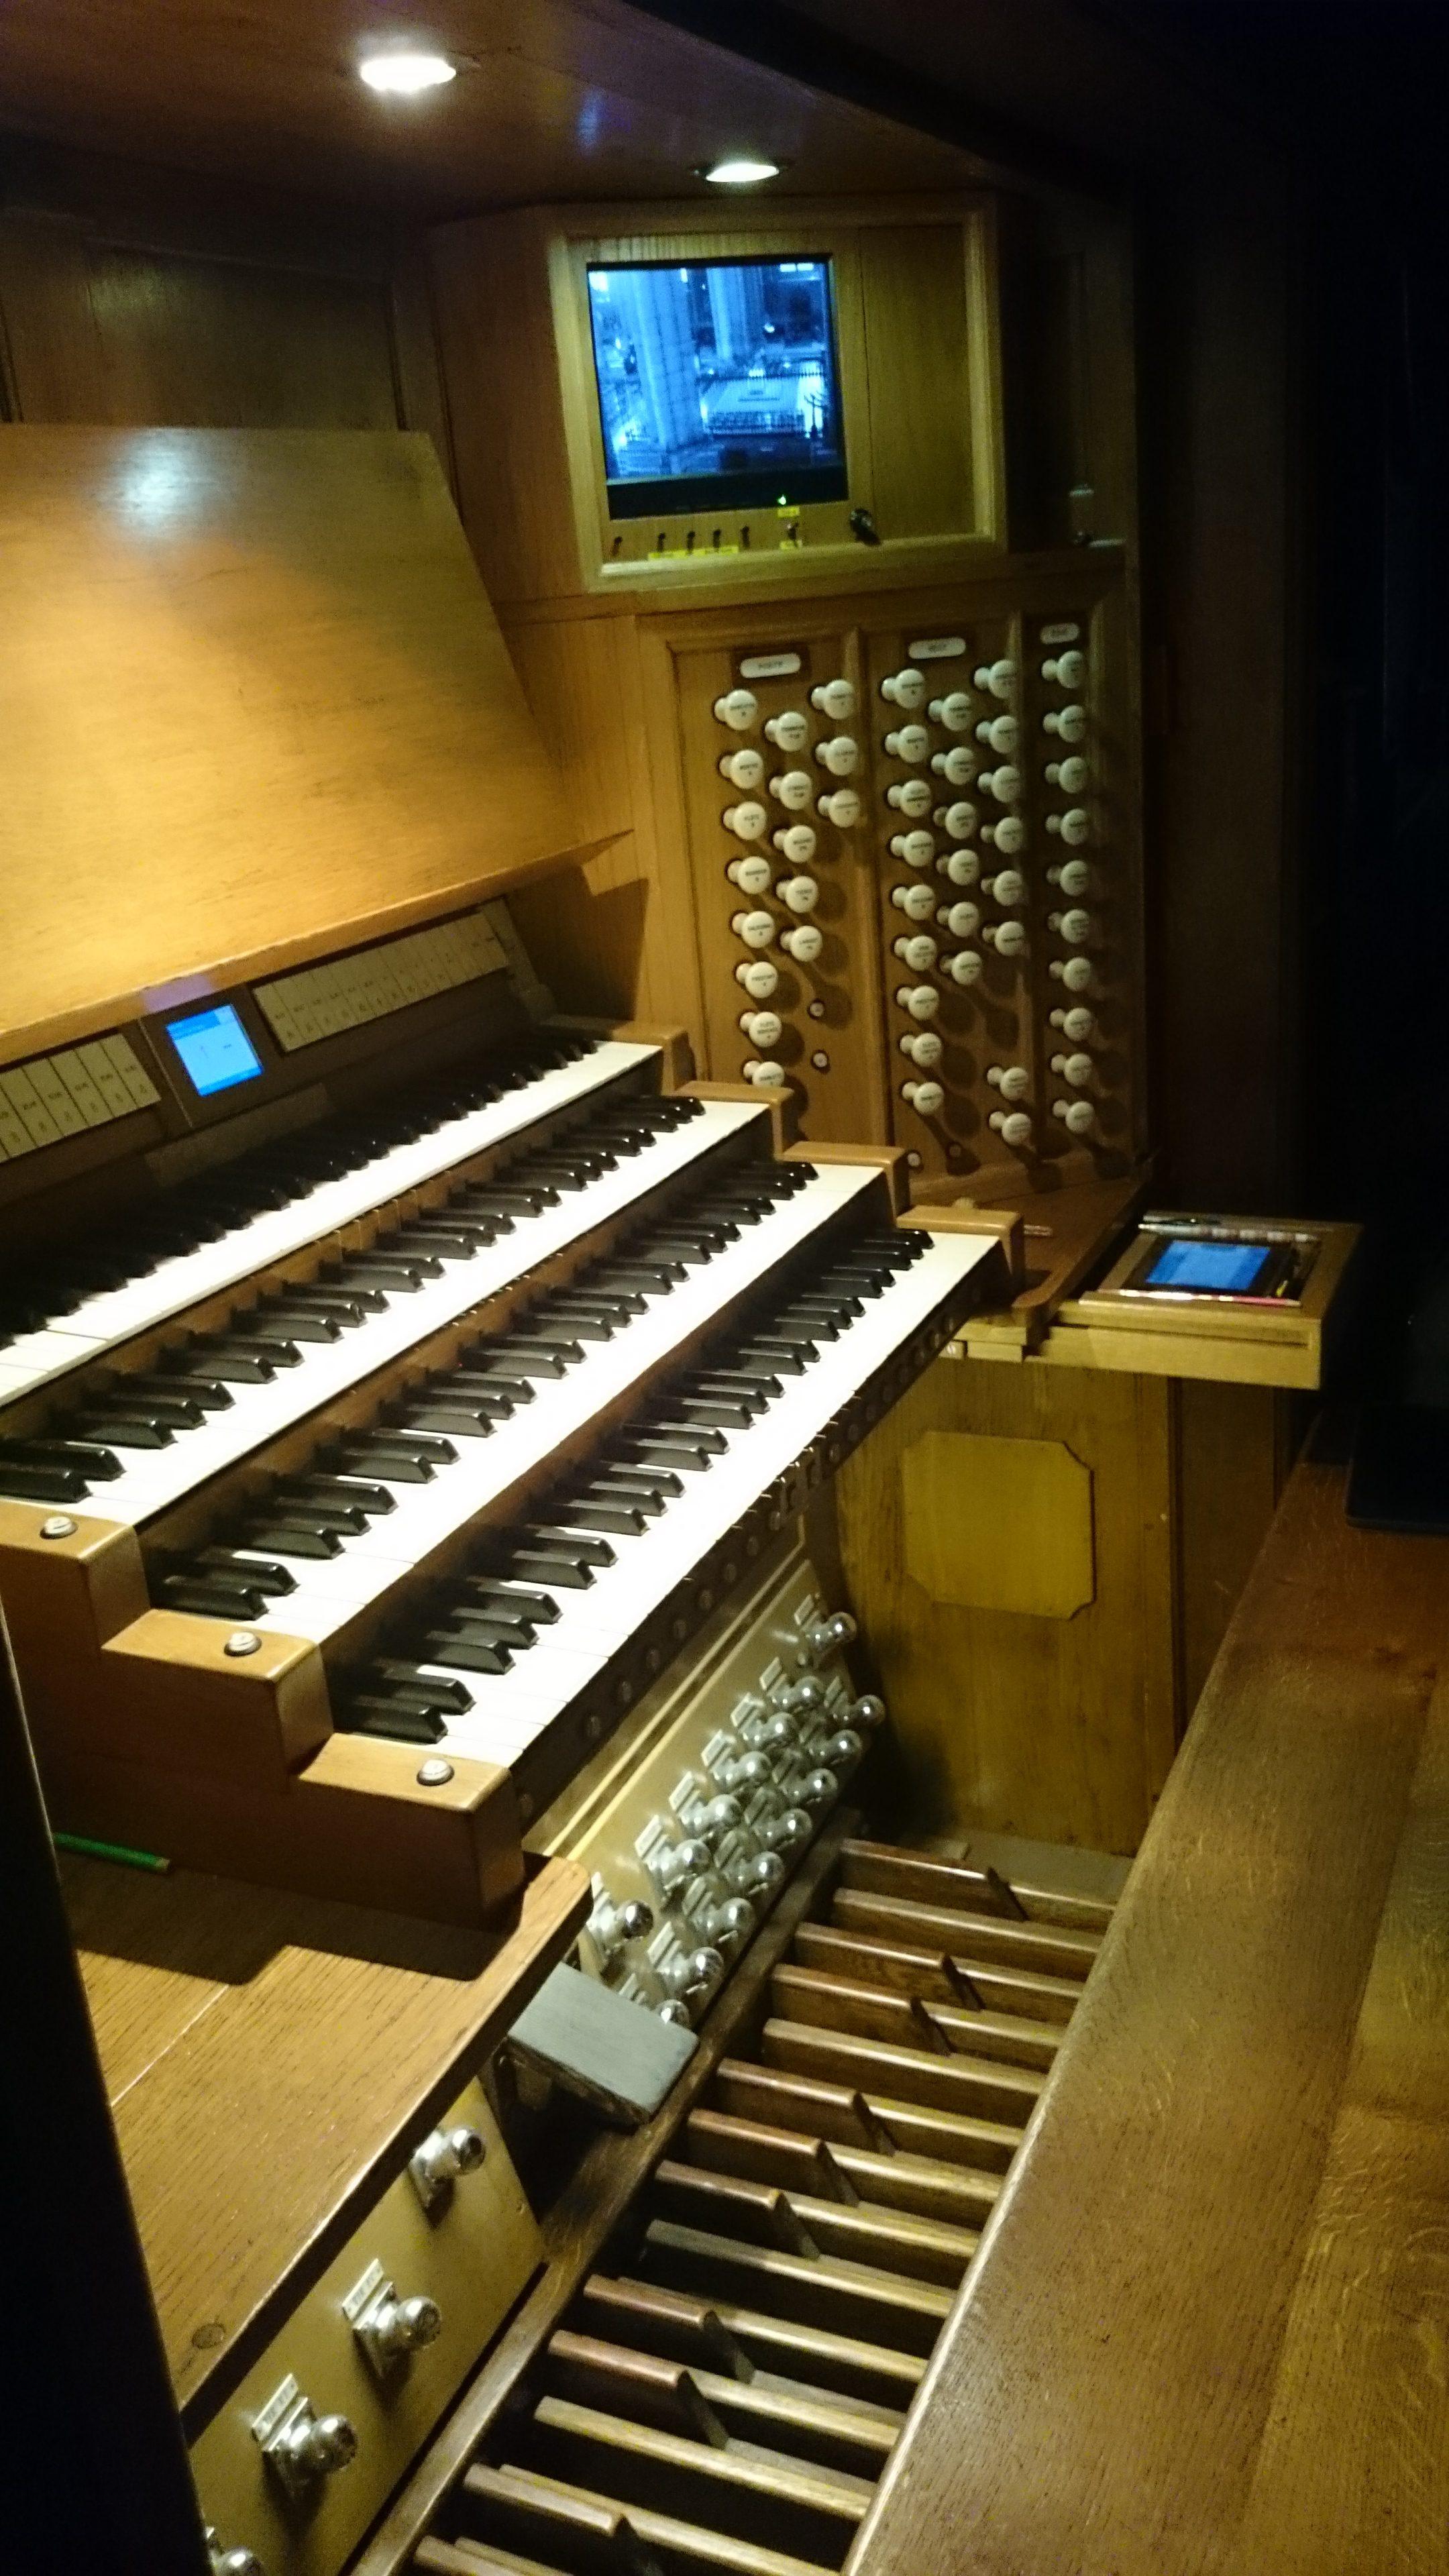 Console de l'orgue de la Cathédrale de Reims